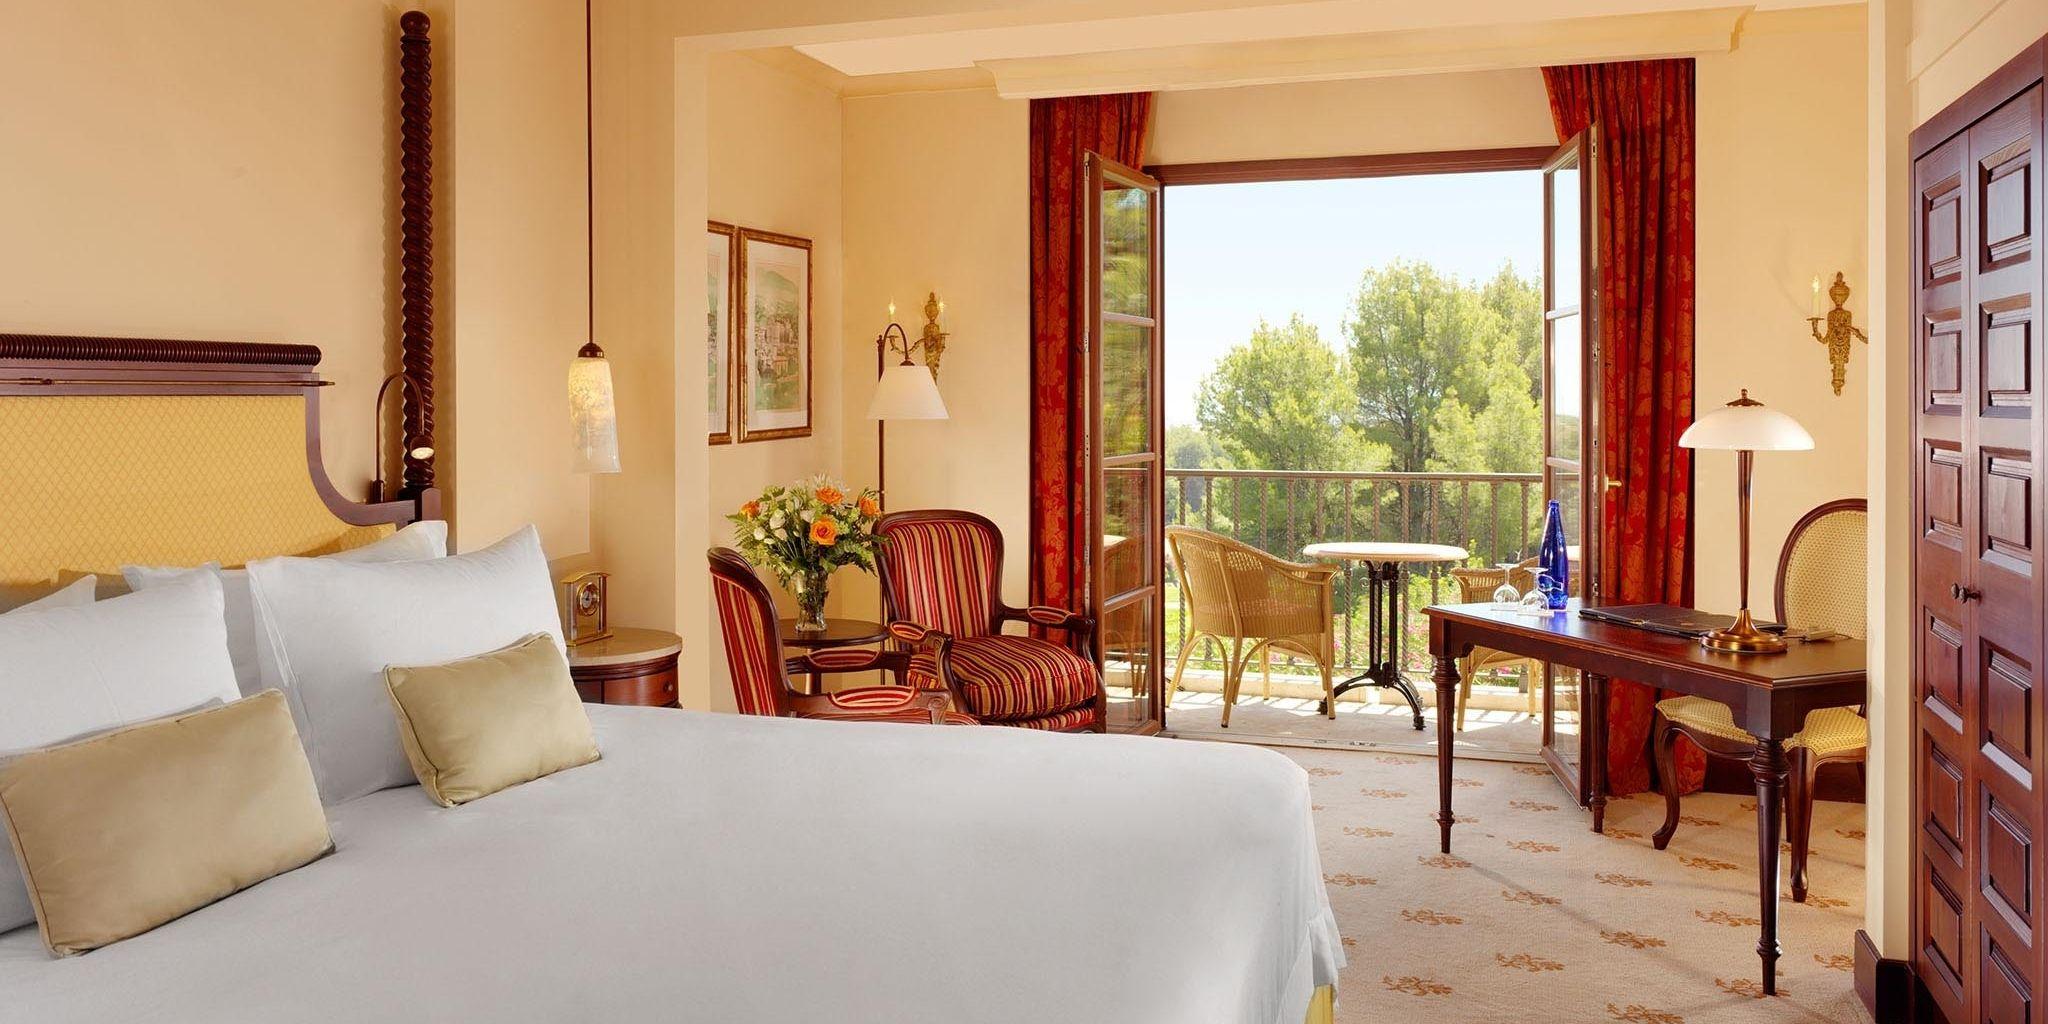 Castillo hotel son vida in palma de mallorca spain for Designer hotels mallorca